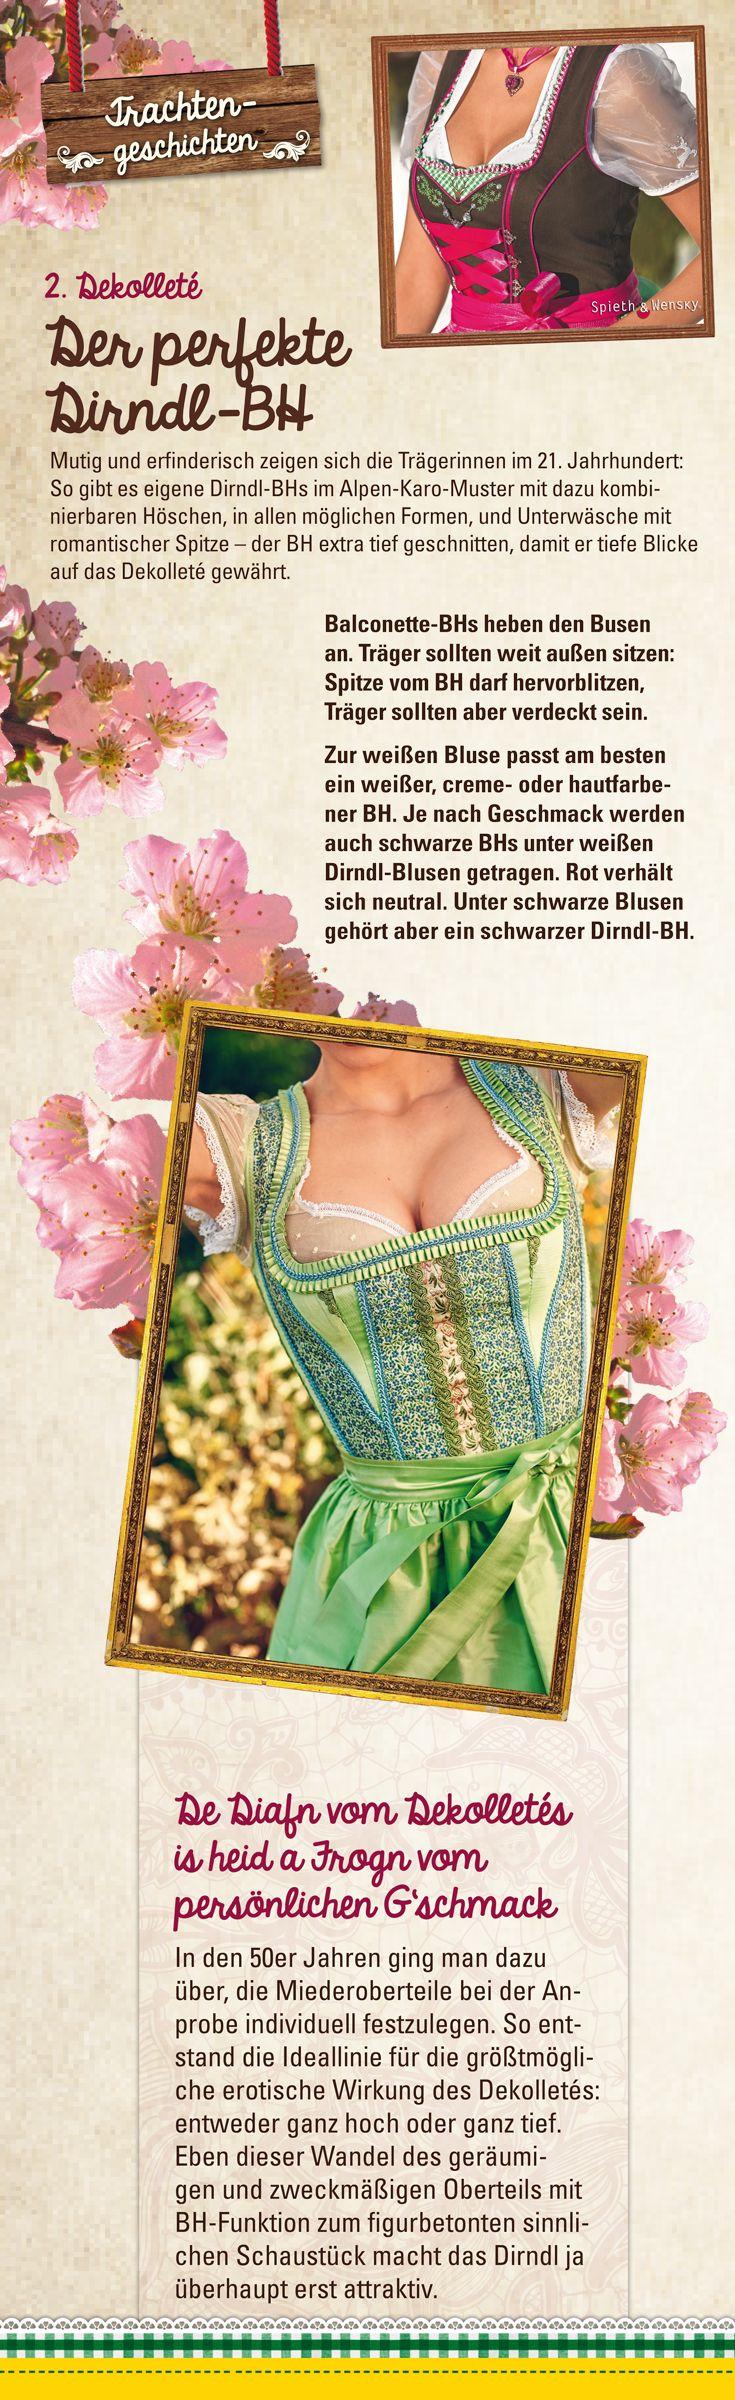 Trachten-Geschichten: Der perfekte Dirndl-BH  http://www.lechtaler.de/flyer